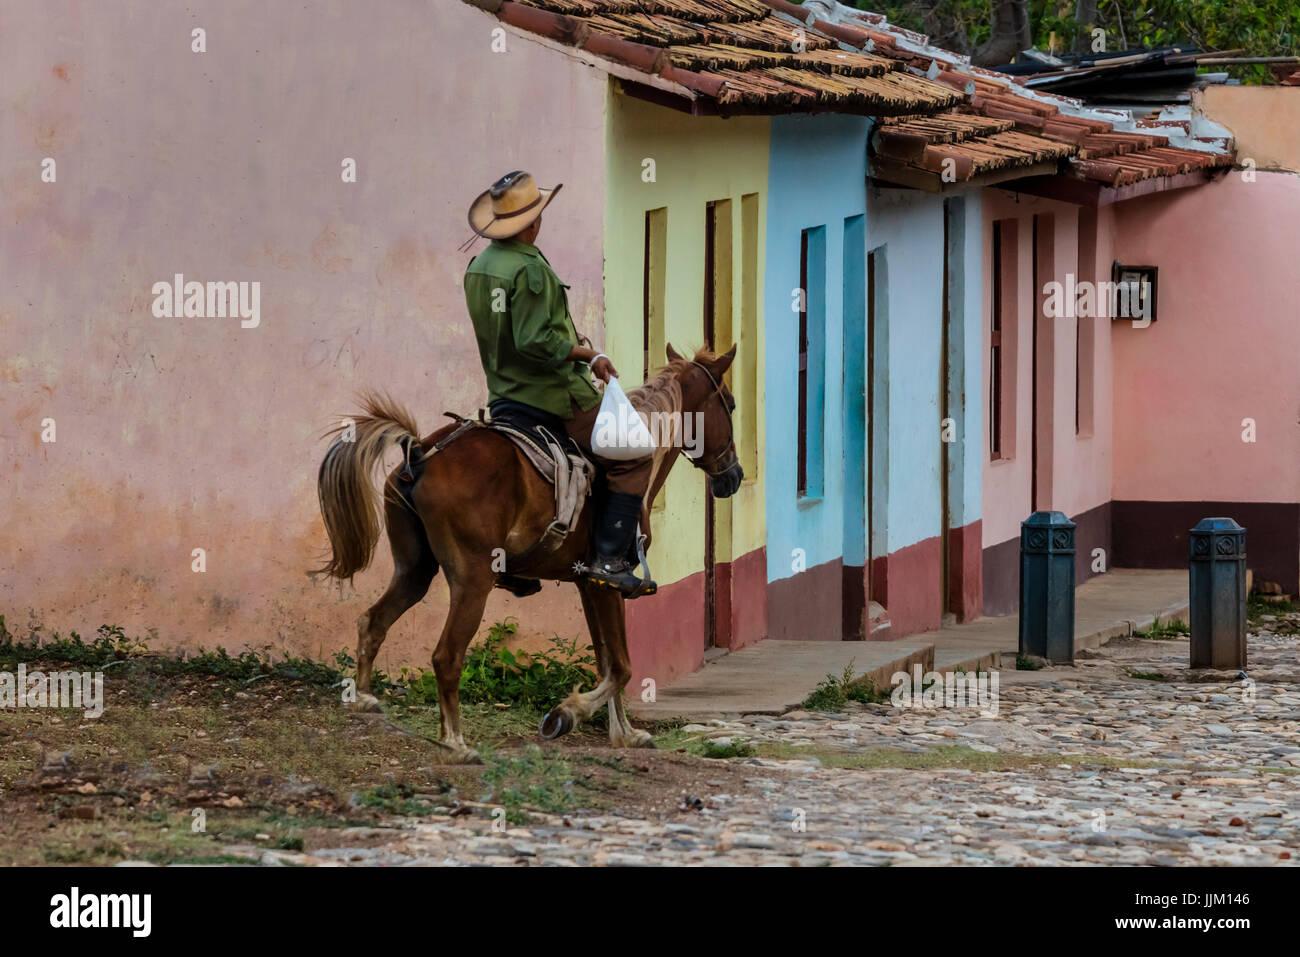 Les chevaux et les cowboys sont un site commun sur les rues pavées de Trinidad, Cuba Photo Stock